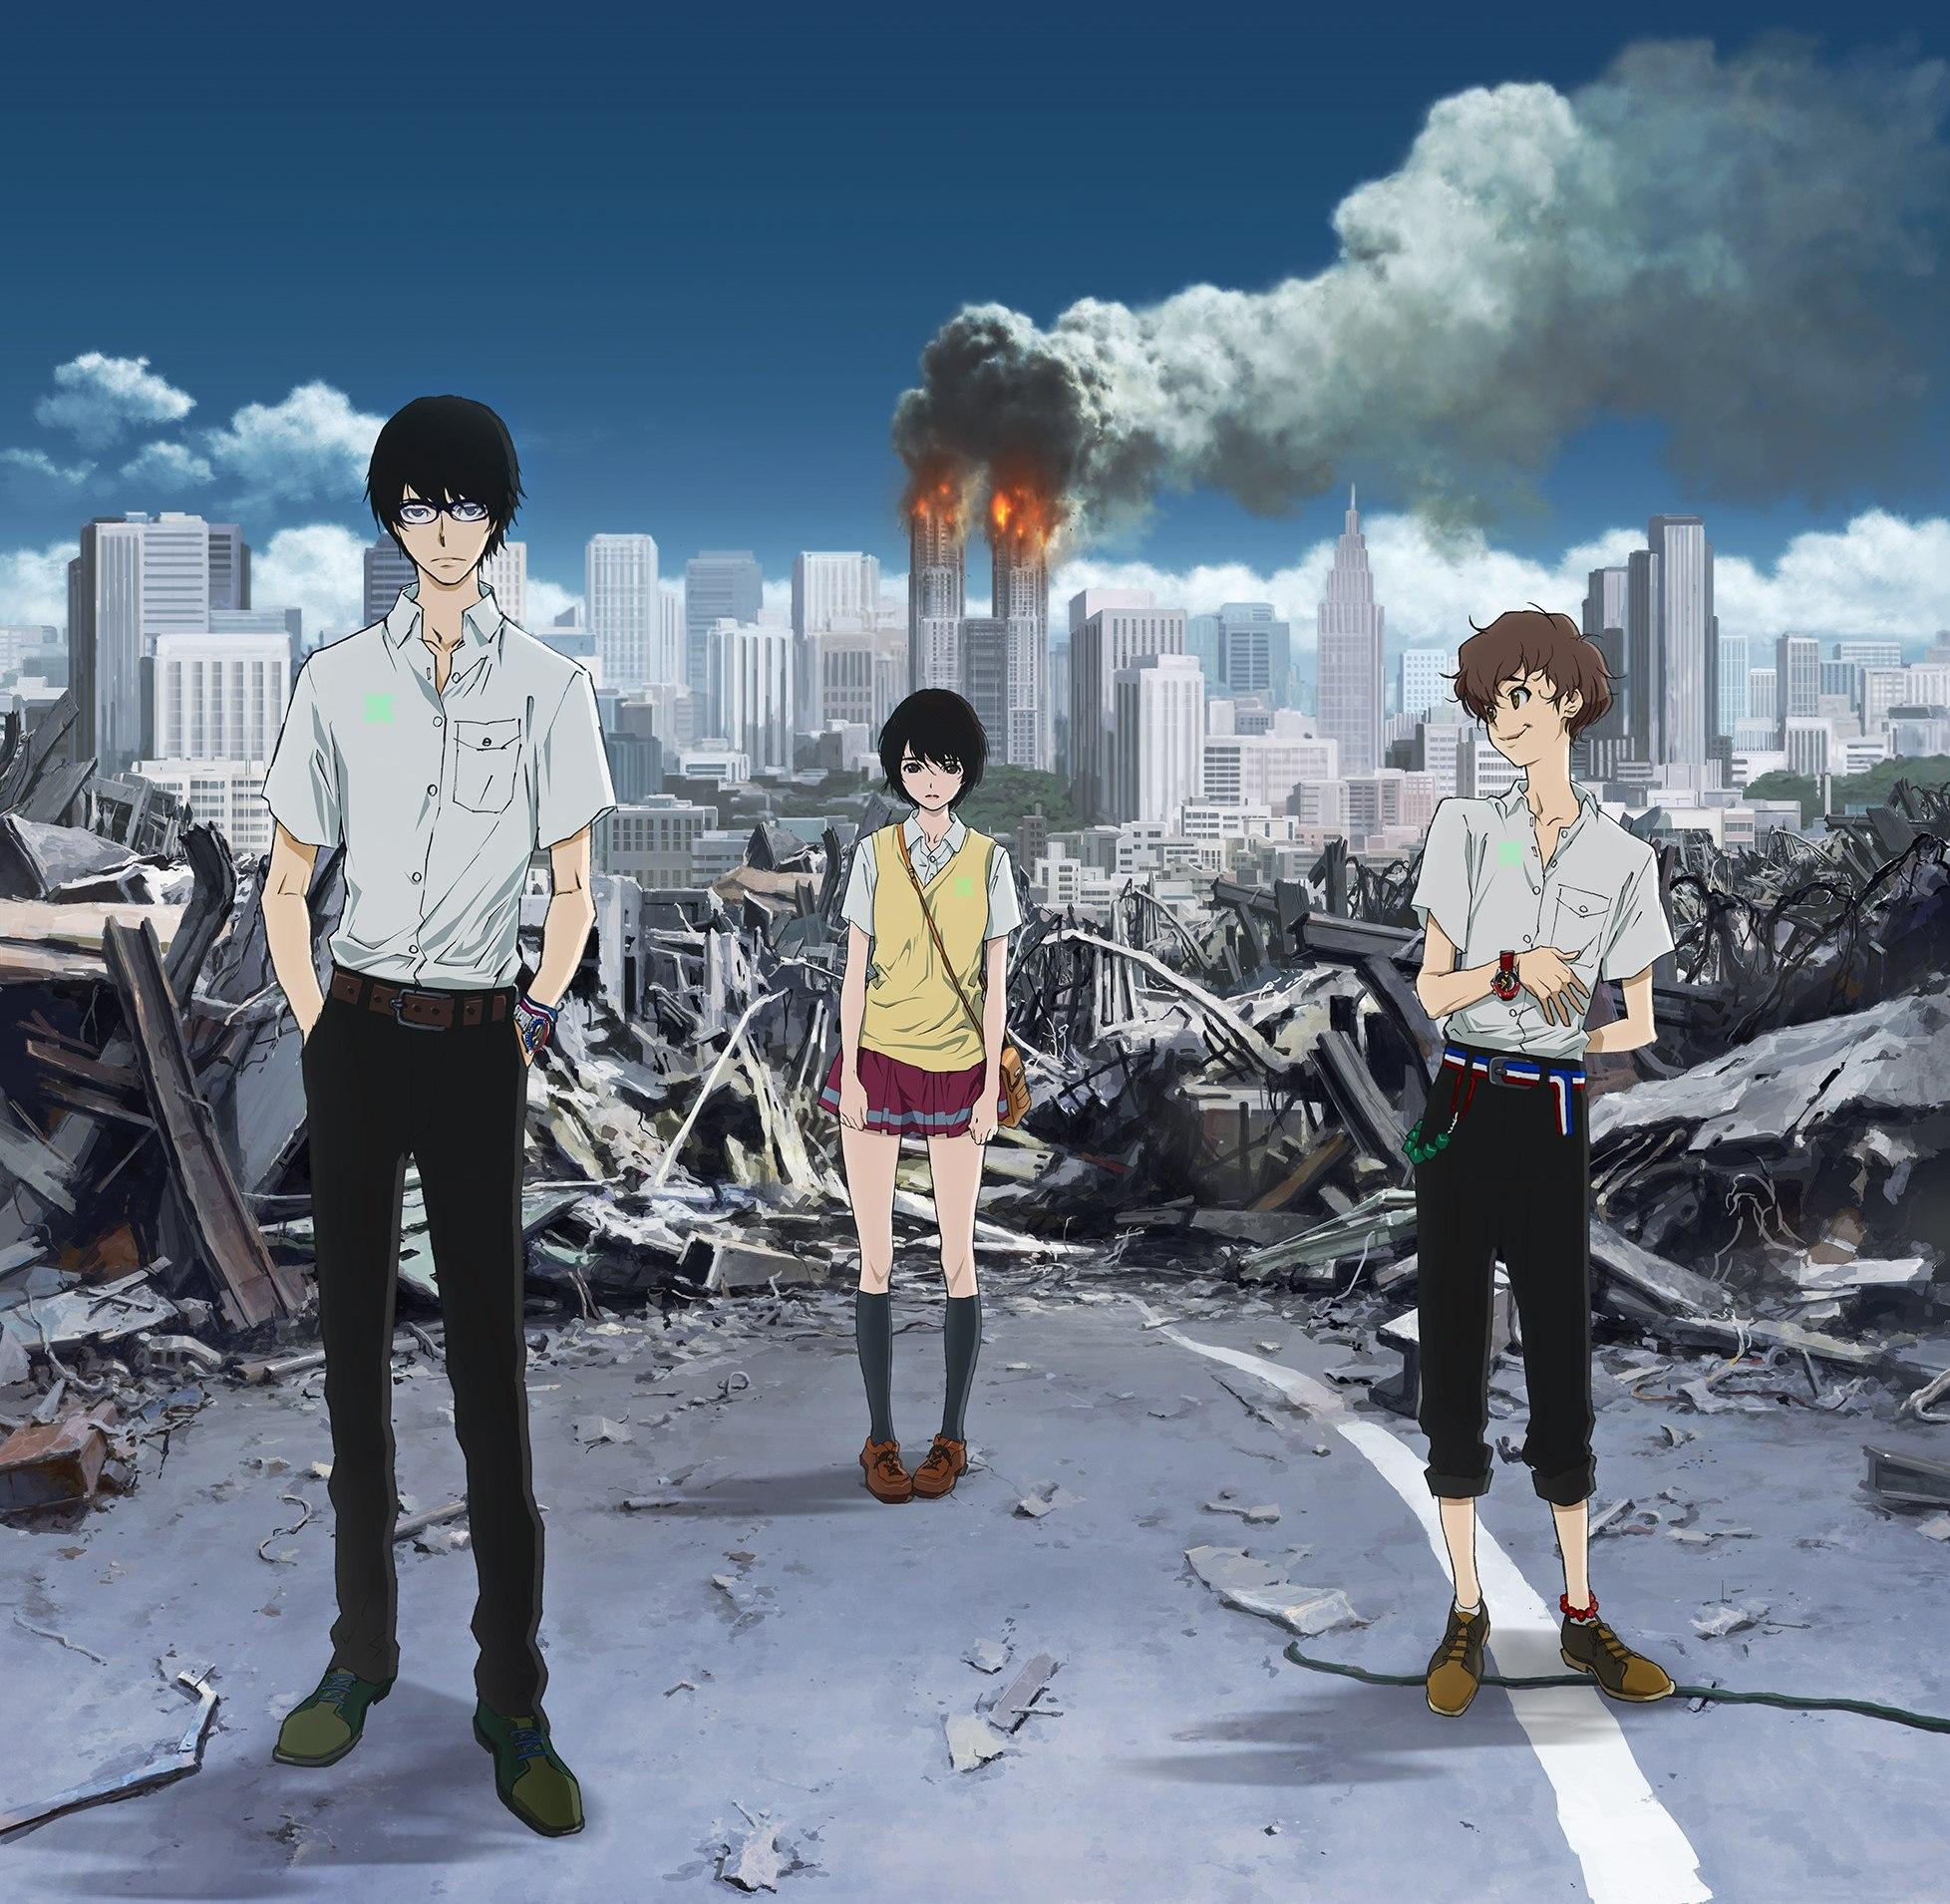 """Trailer for ny original TV anime """"Zankyou no Terror"""""""